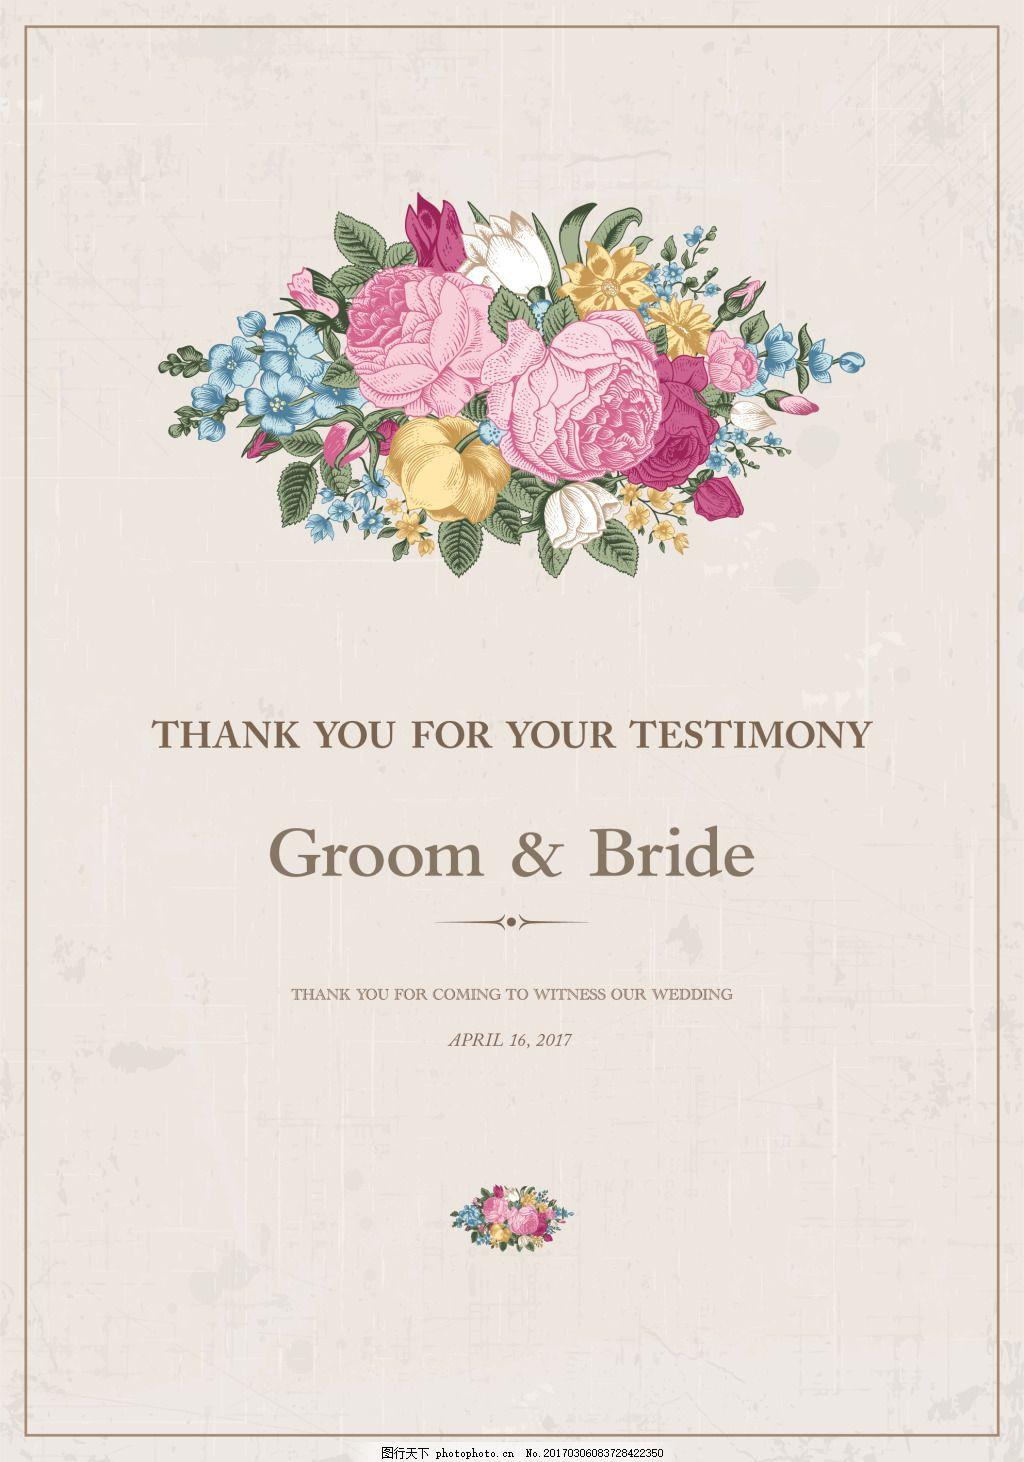 粉色手绘花主题婚礼迎宾牌 边框 复古 海报 婚礼海报 婚礼水牌